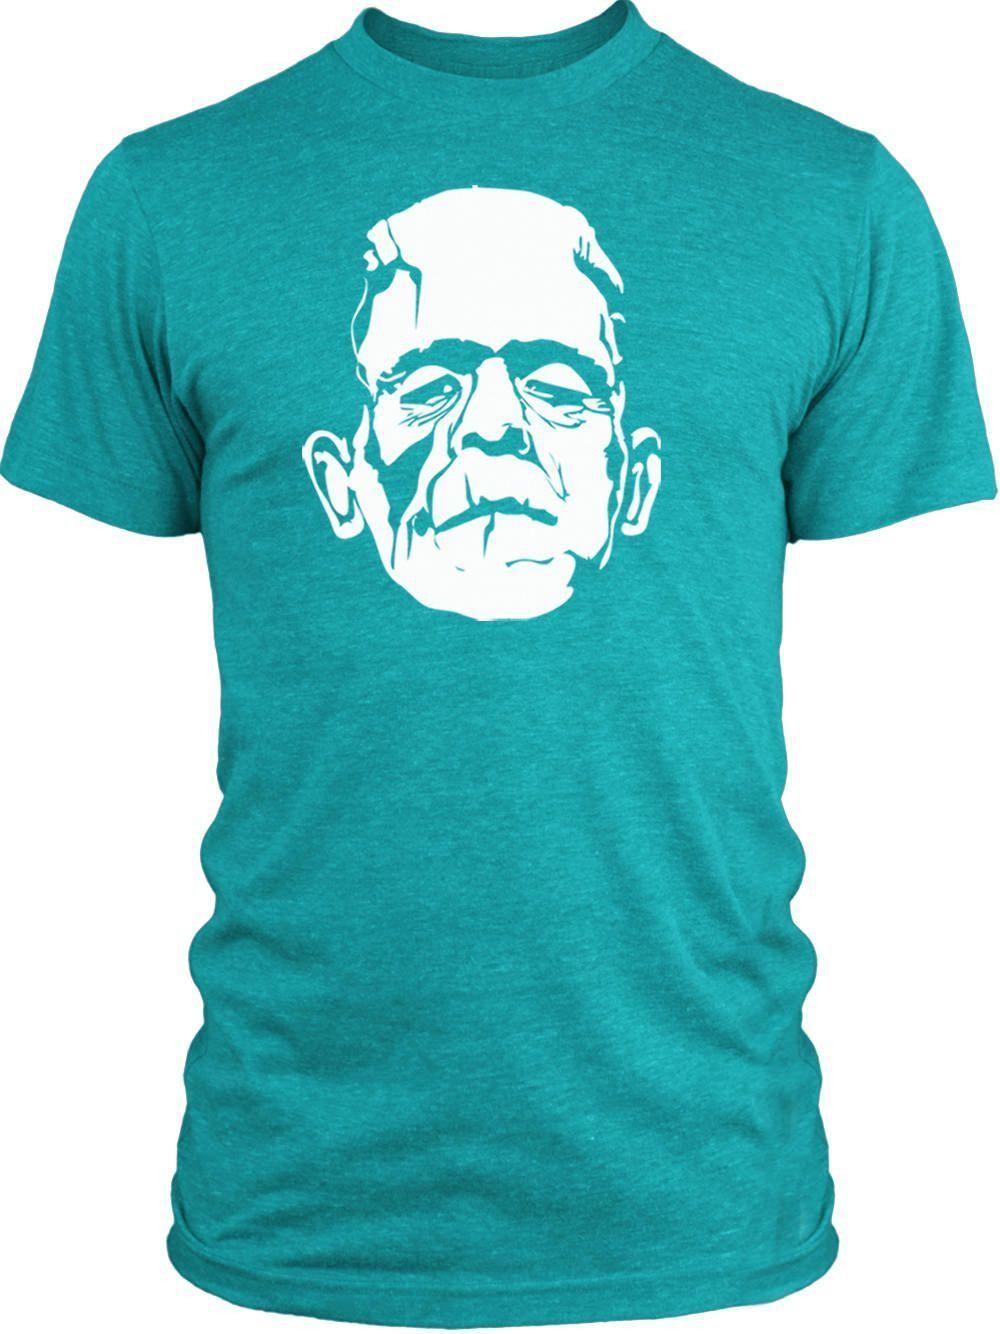 Big Texas Dr. Frankensteins Monster (White) Vintage Tri-Blend T-Shirt